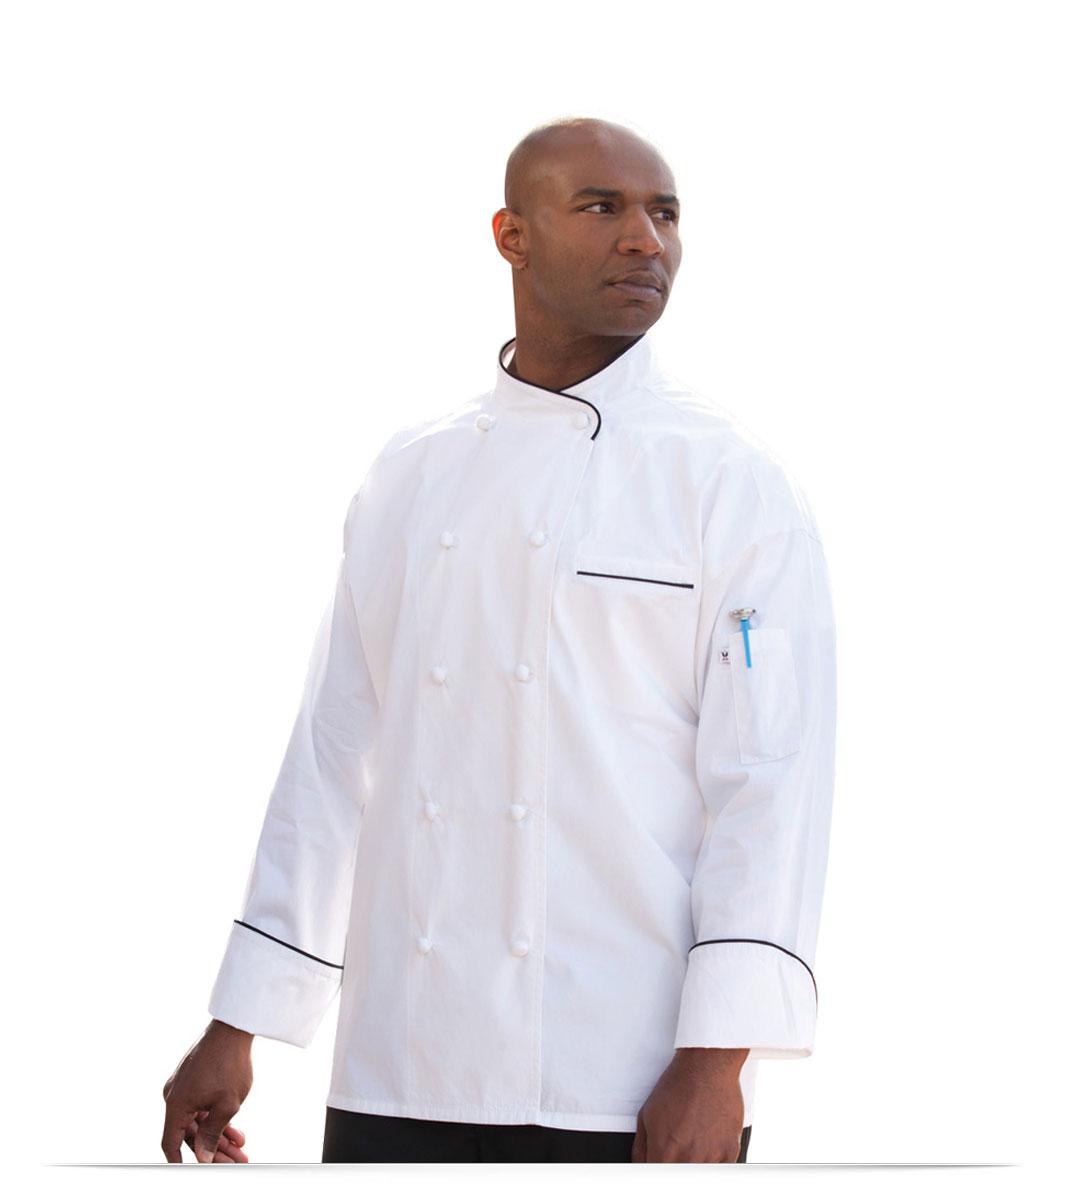 Personalized Chef Jacket Luxemburg